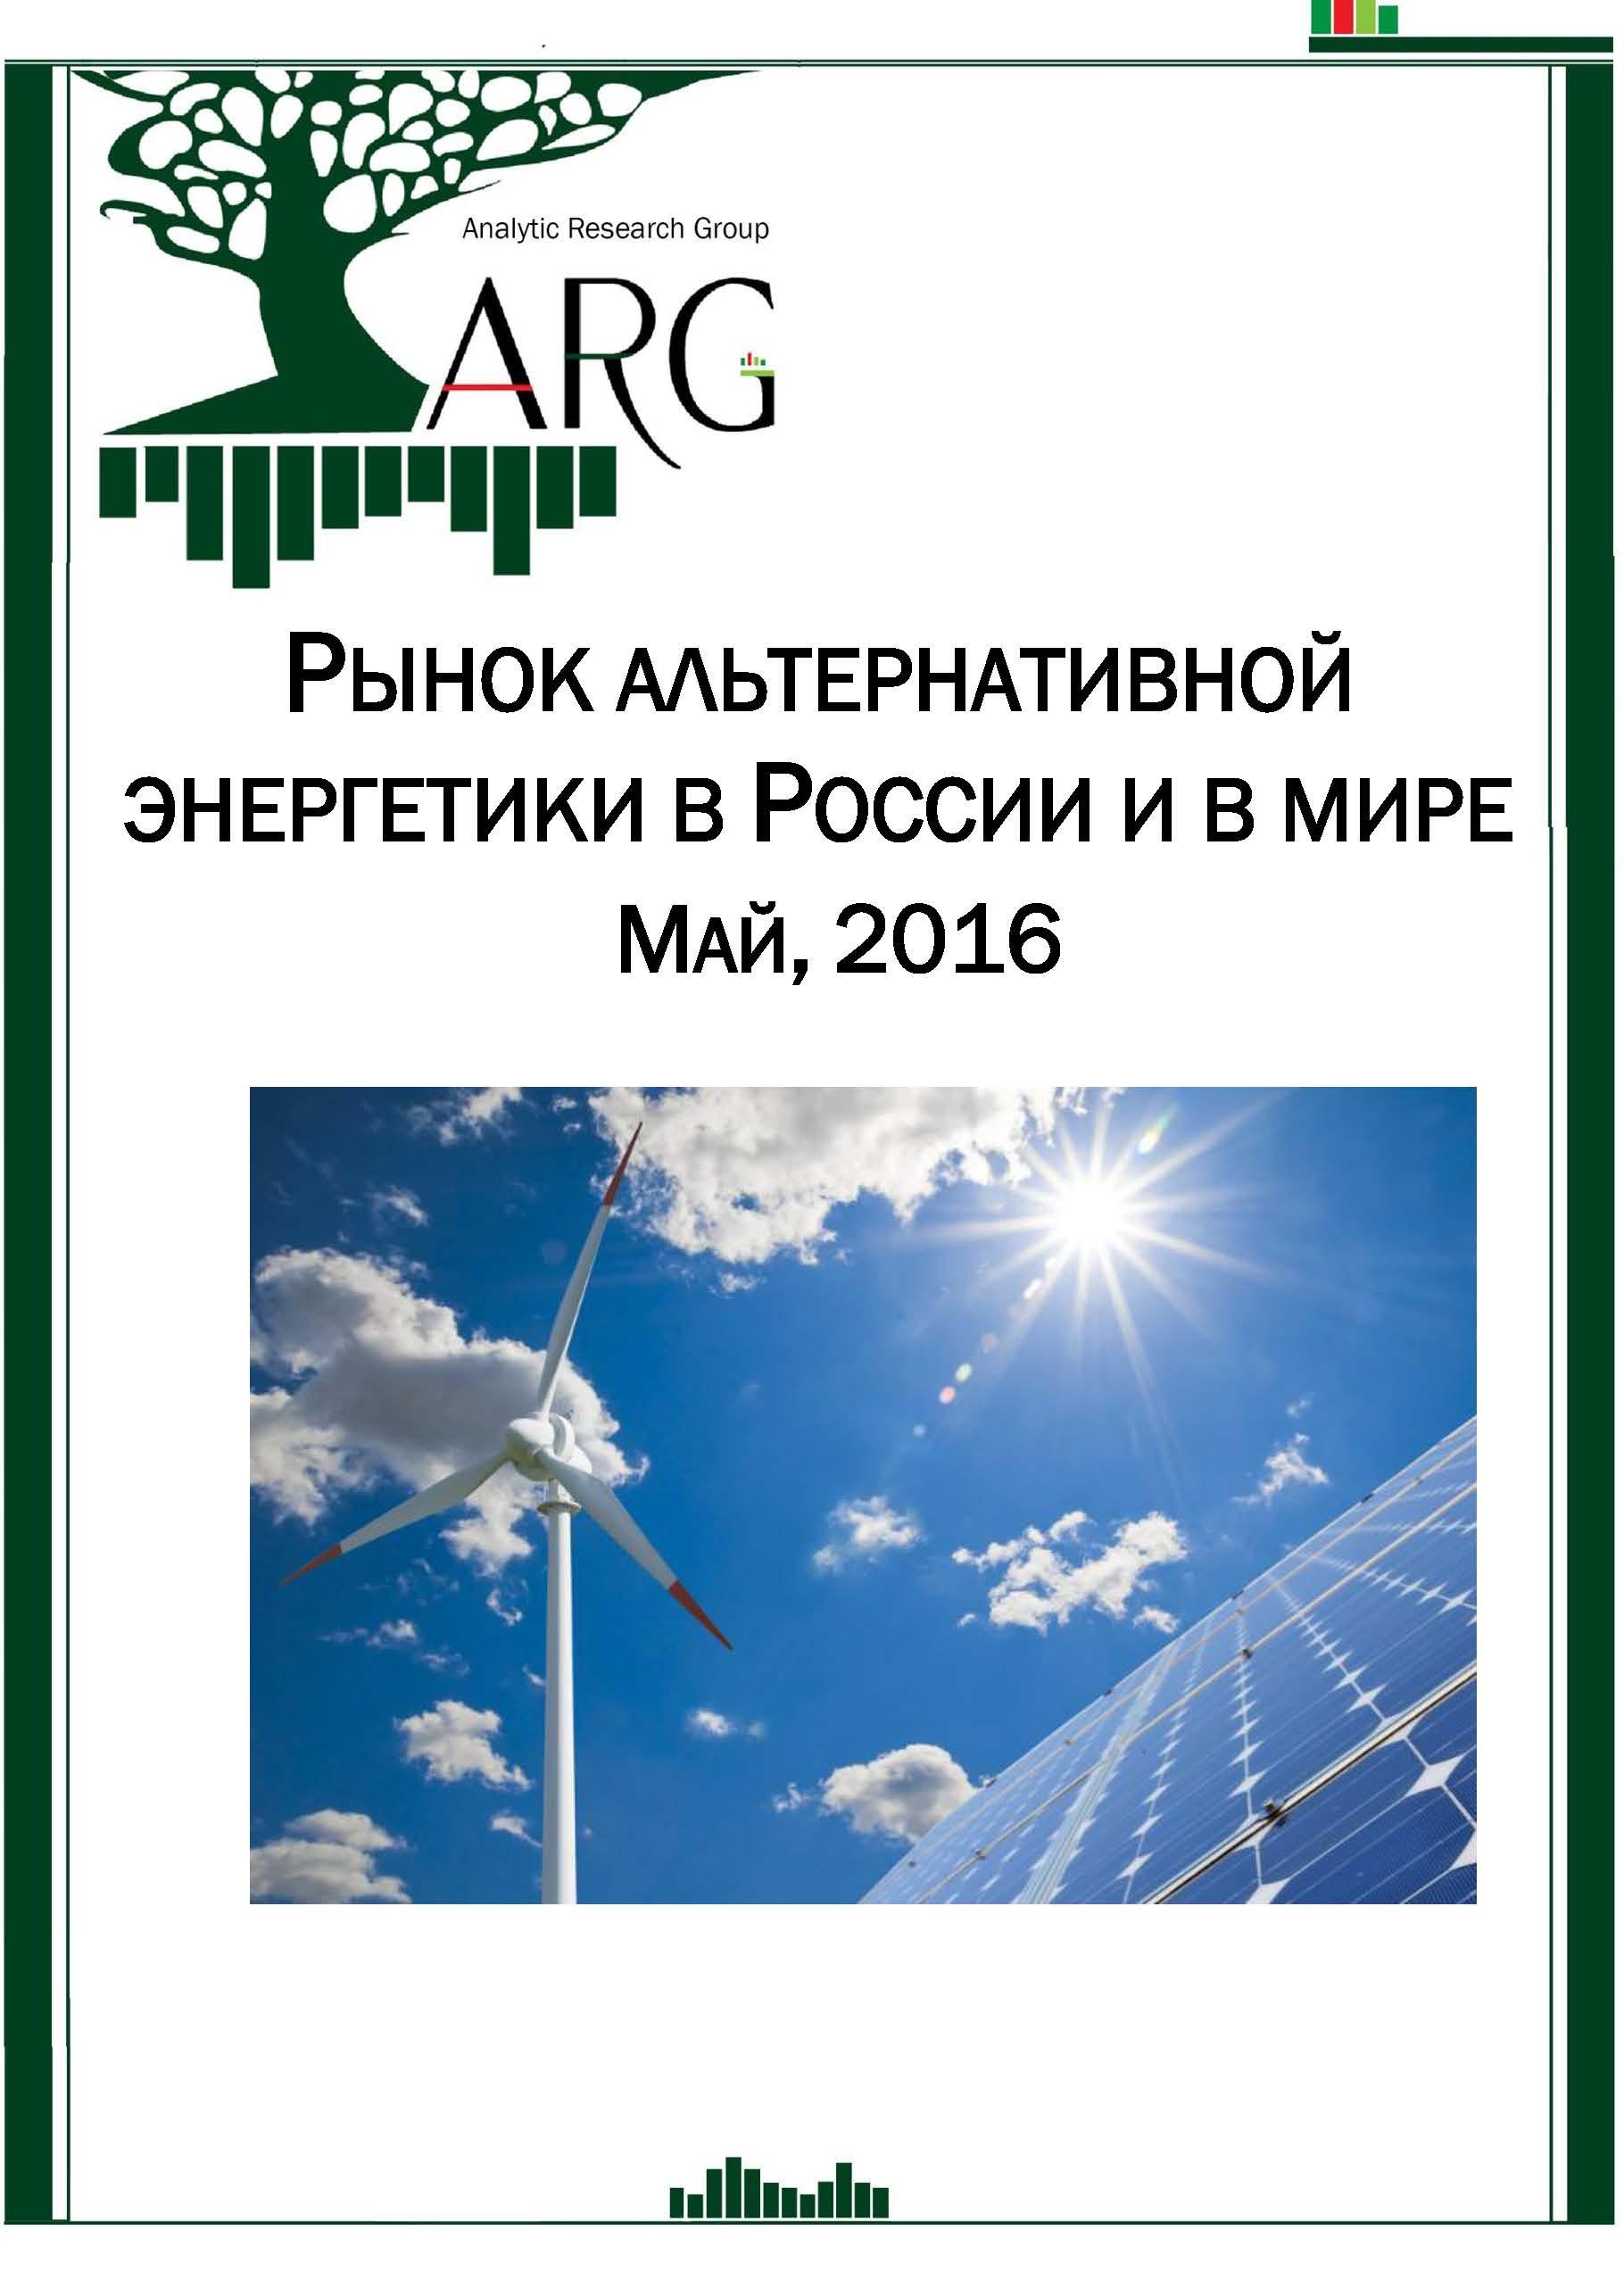 Справочник По Организациям В Энергетике